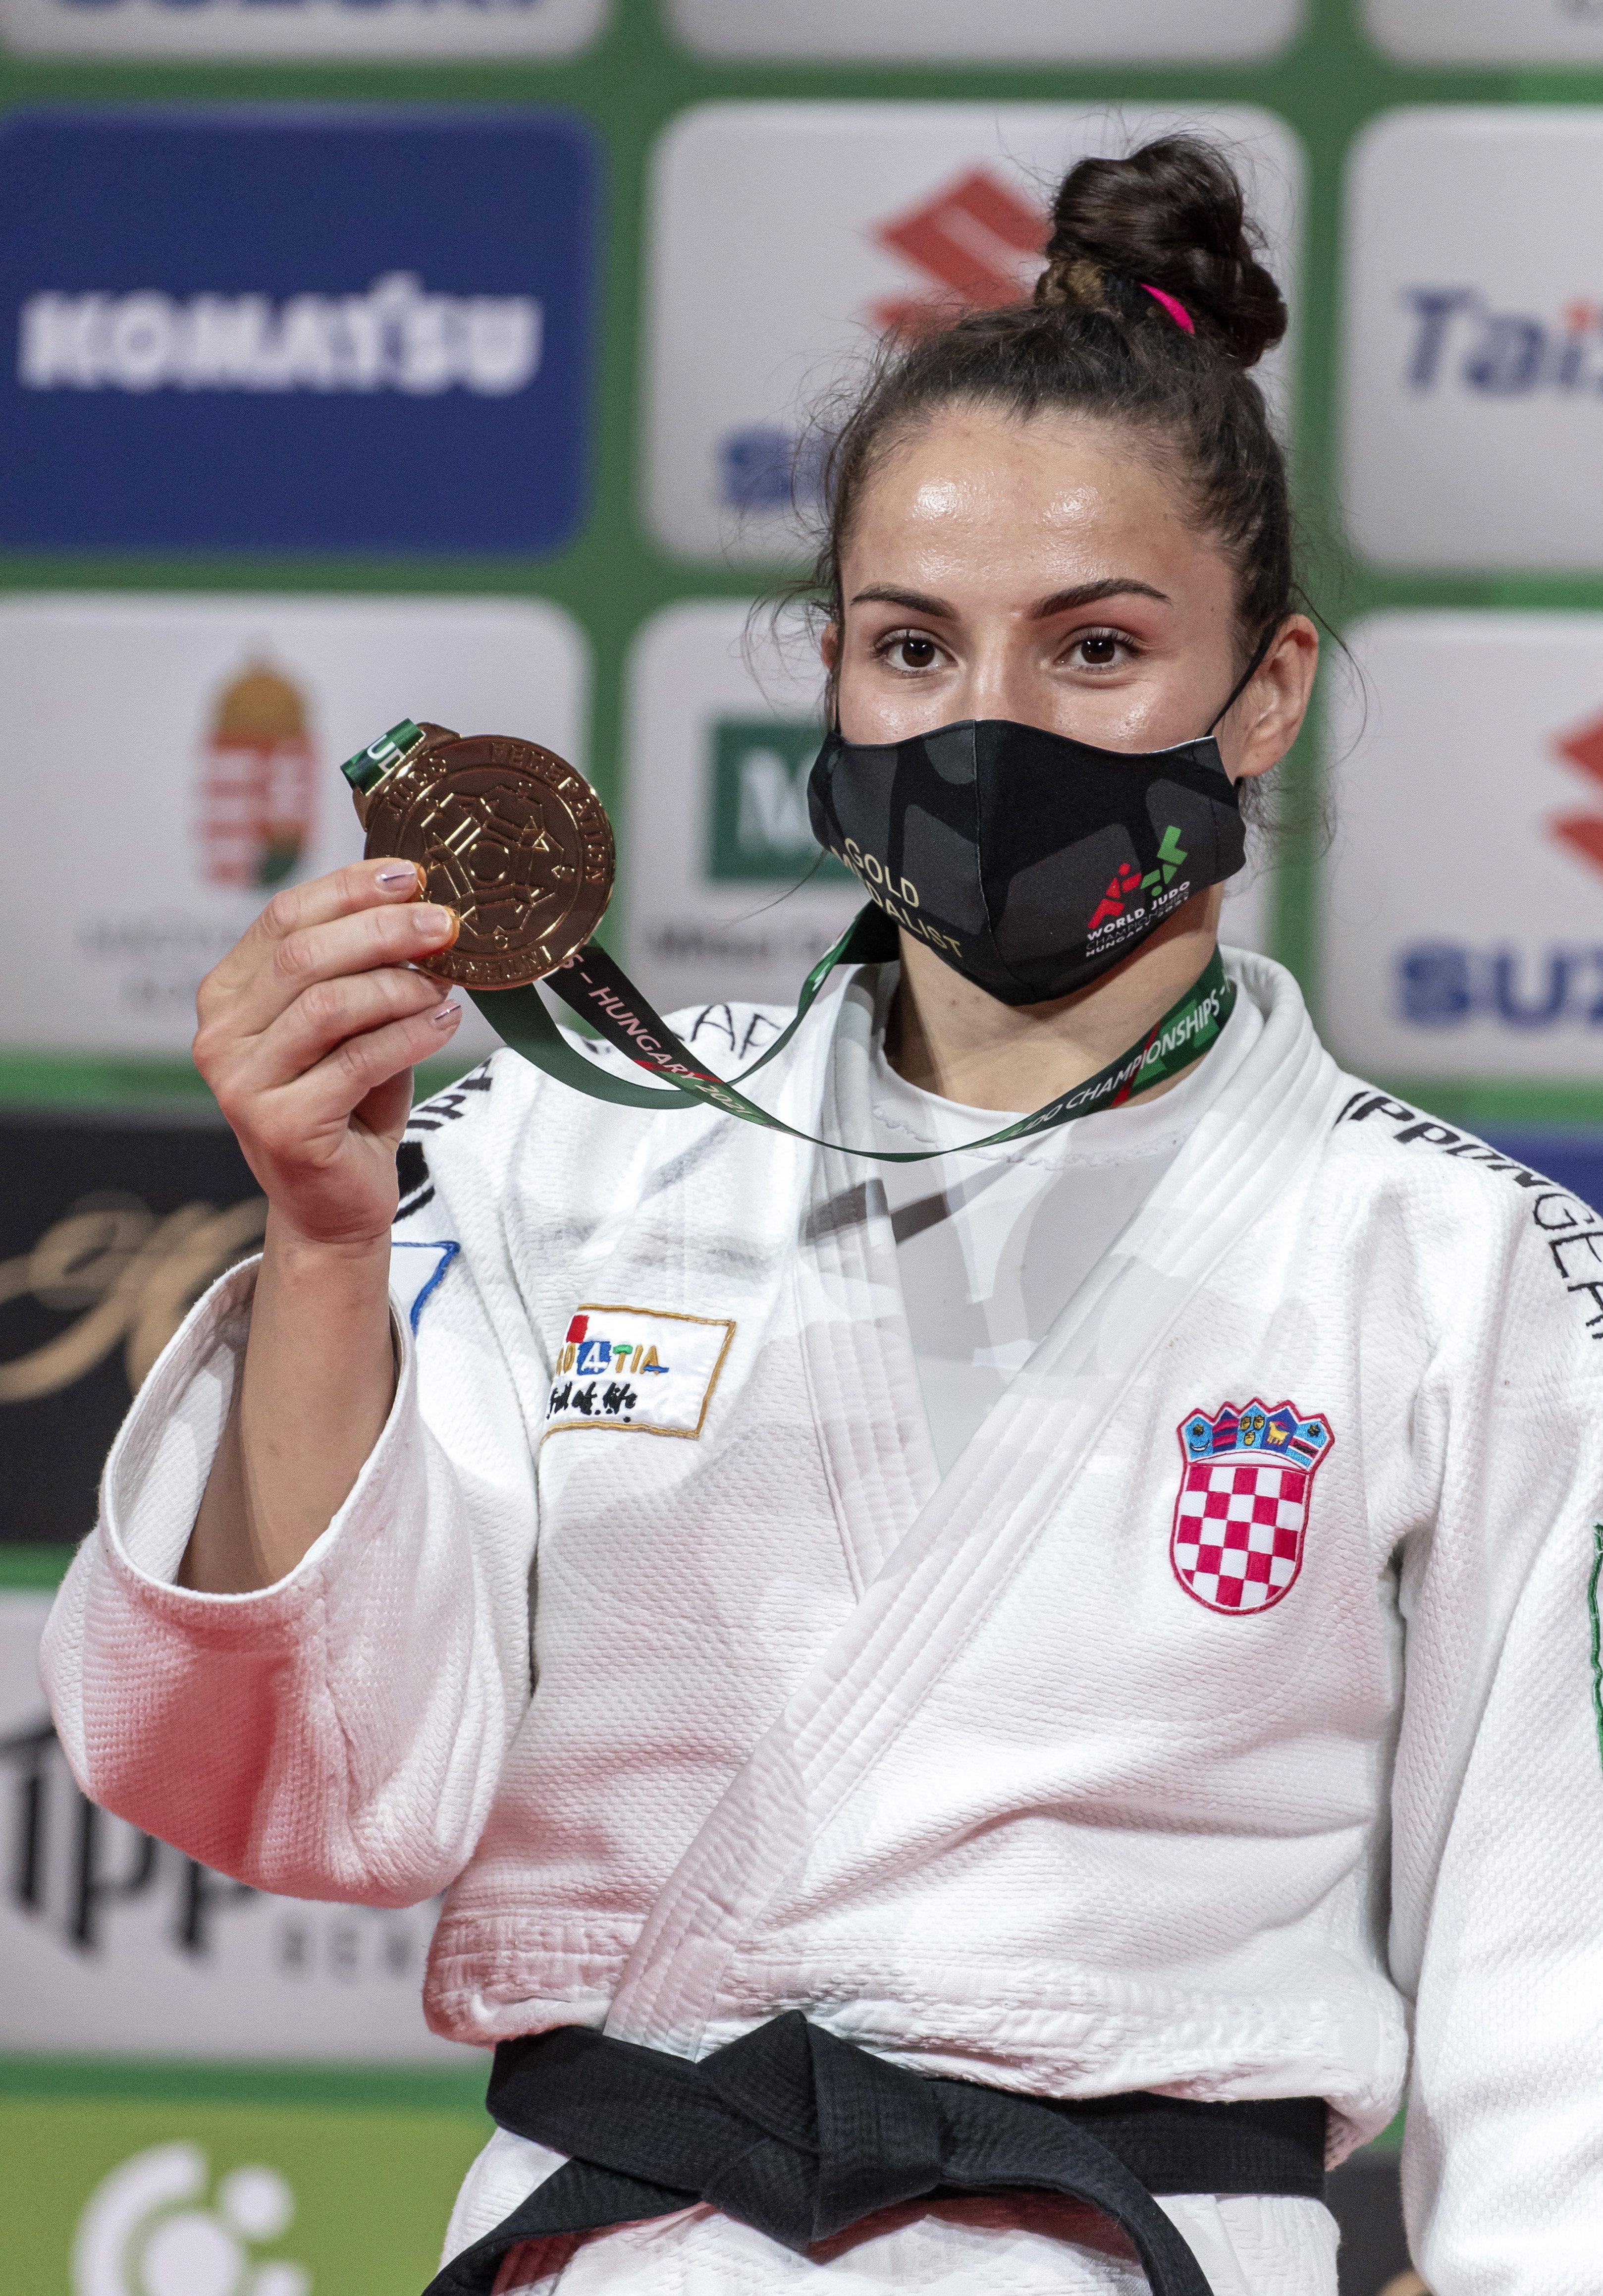 Judašici Barbara Matić osvojila zlato na svjetskom prvenstvu u judu u kategoriji do 70 kilograma u Budimpešti